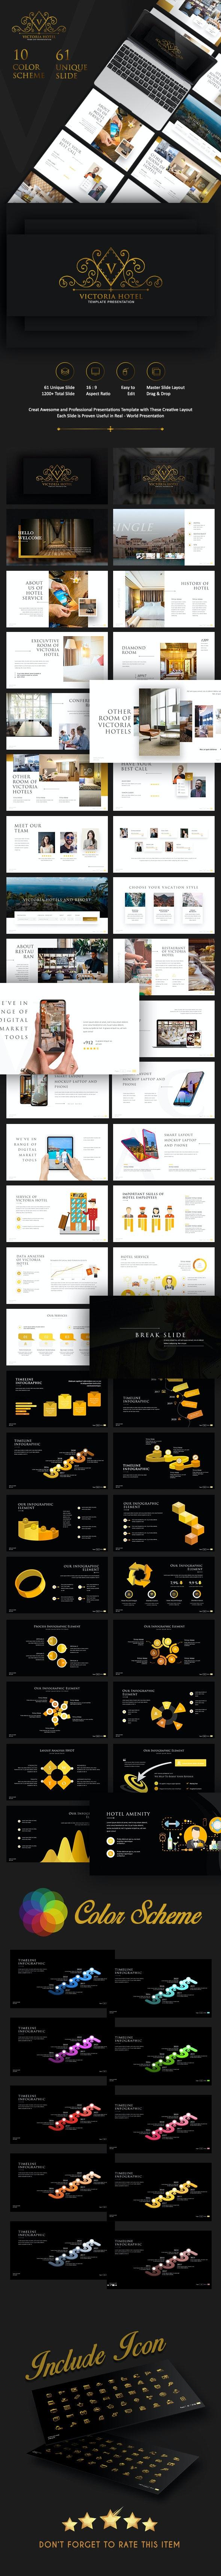 Victoria Hotel Presentation Template - PowerPoint Templates Presentation Templates